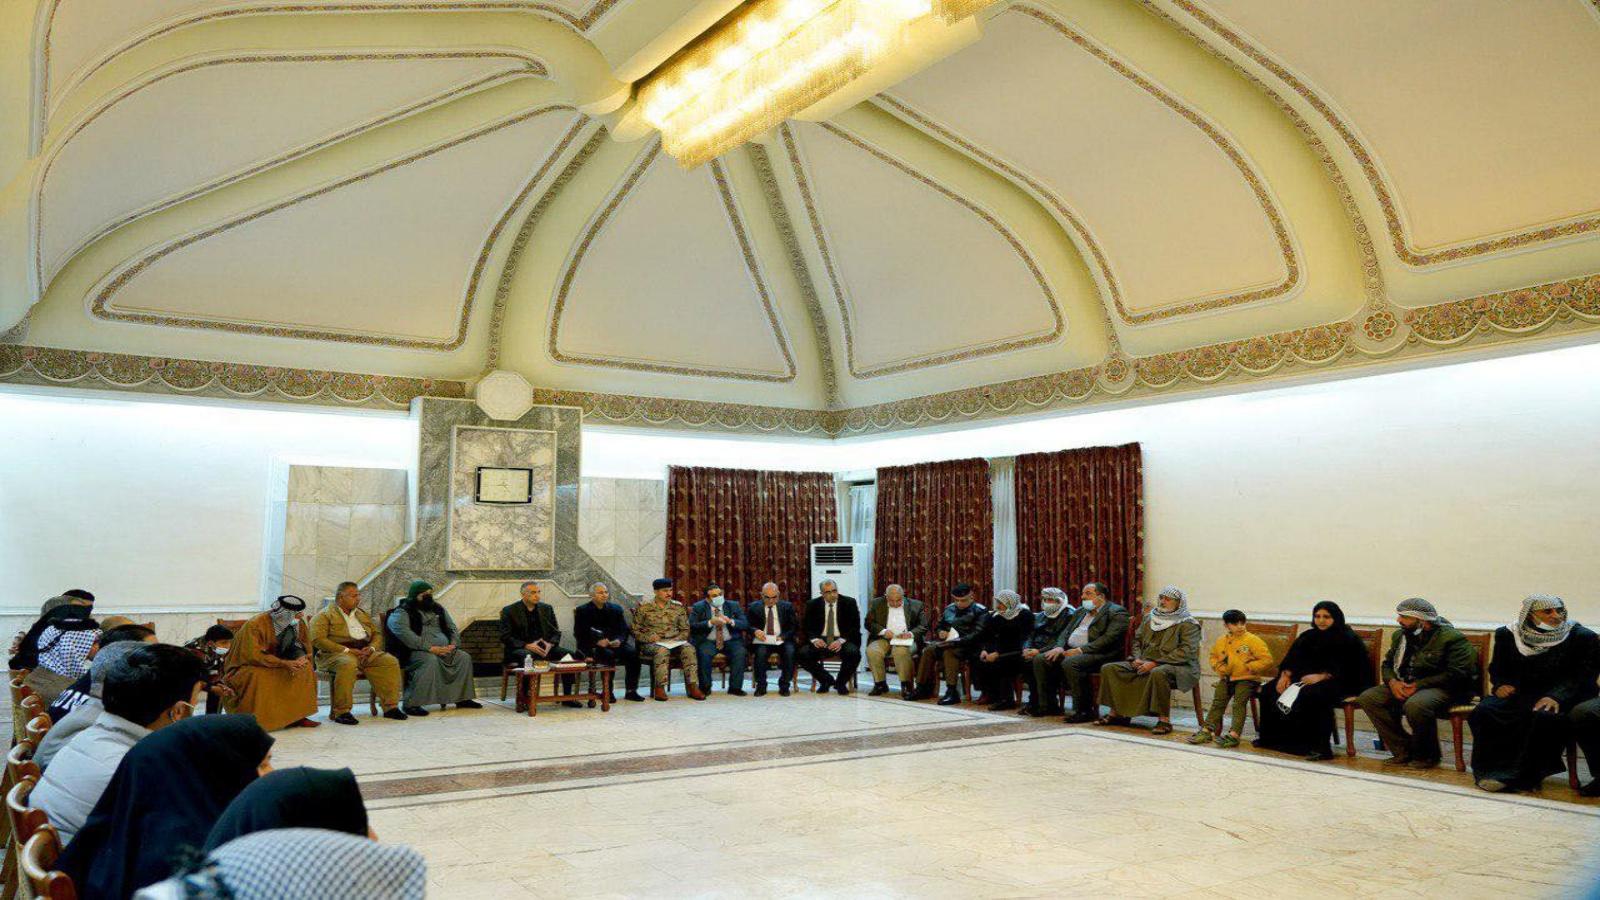 الكاظمي ملتقيا السبت عوائل ضحايا التفجير المزدوج وسط بغداد الاسبوع الماضي